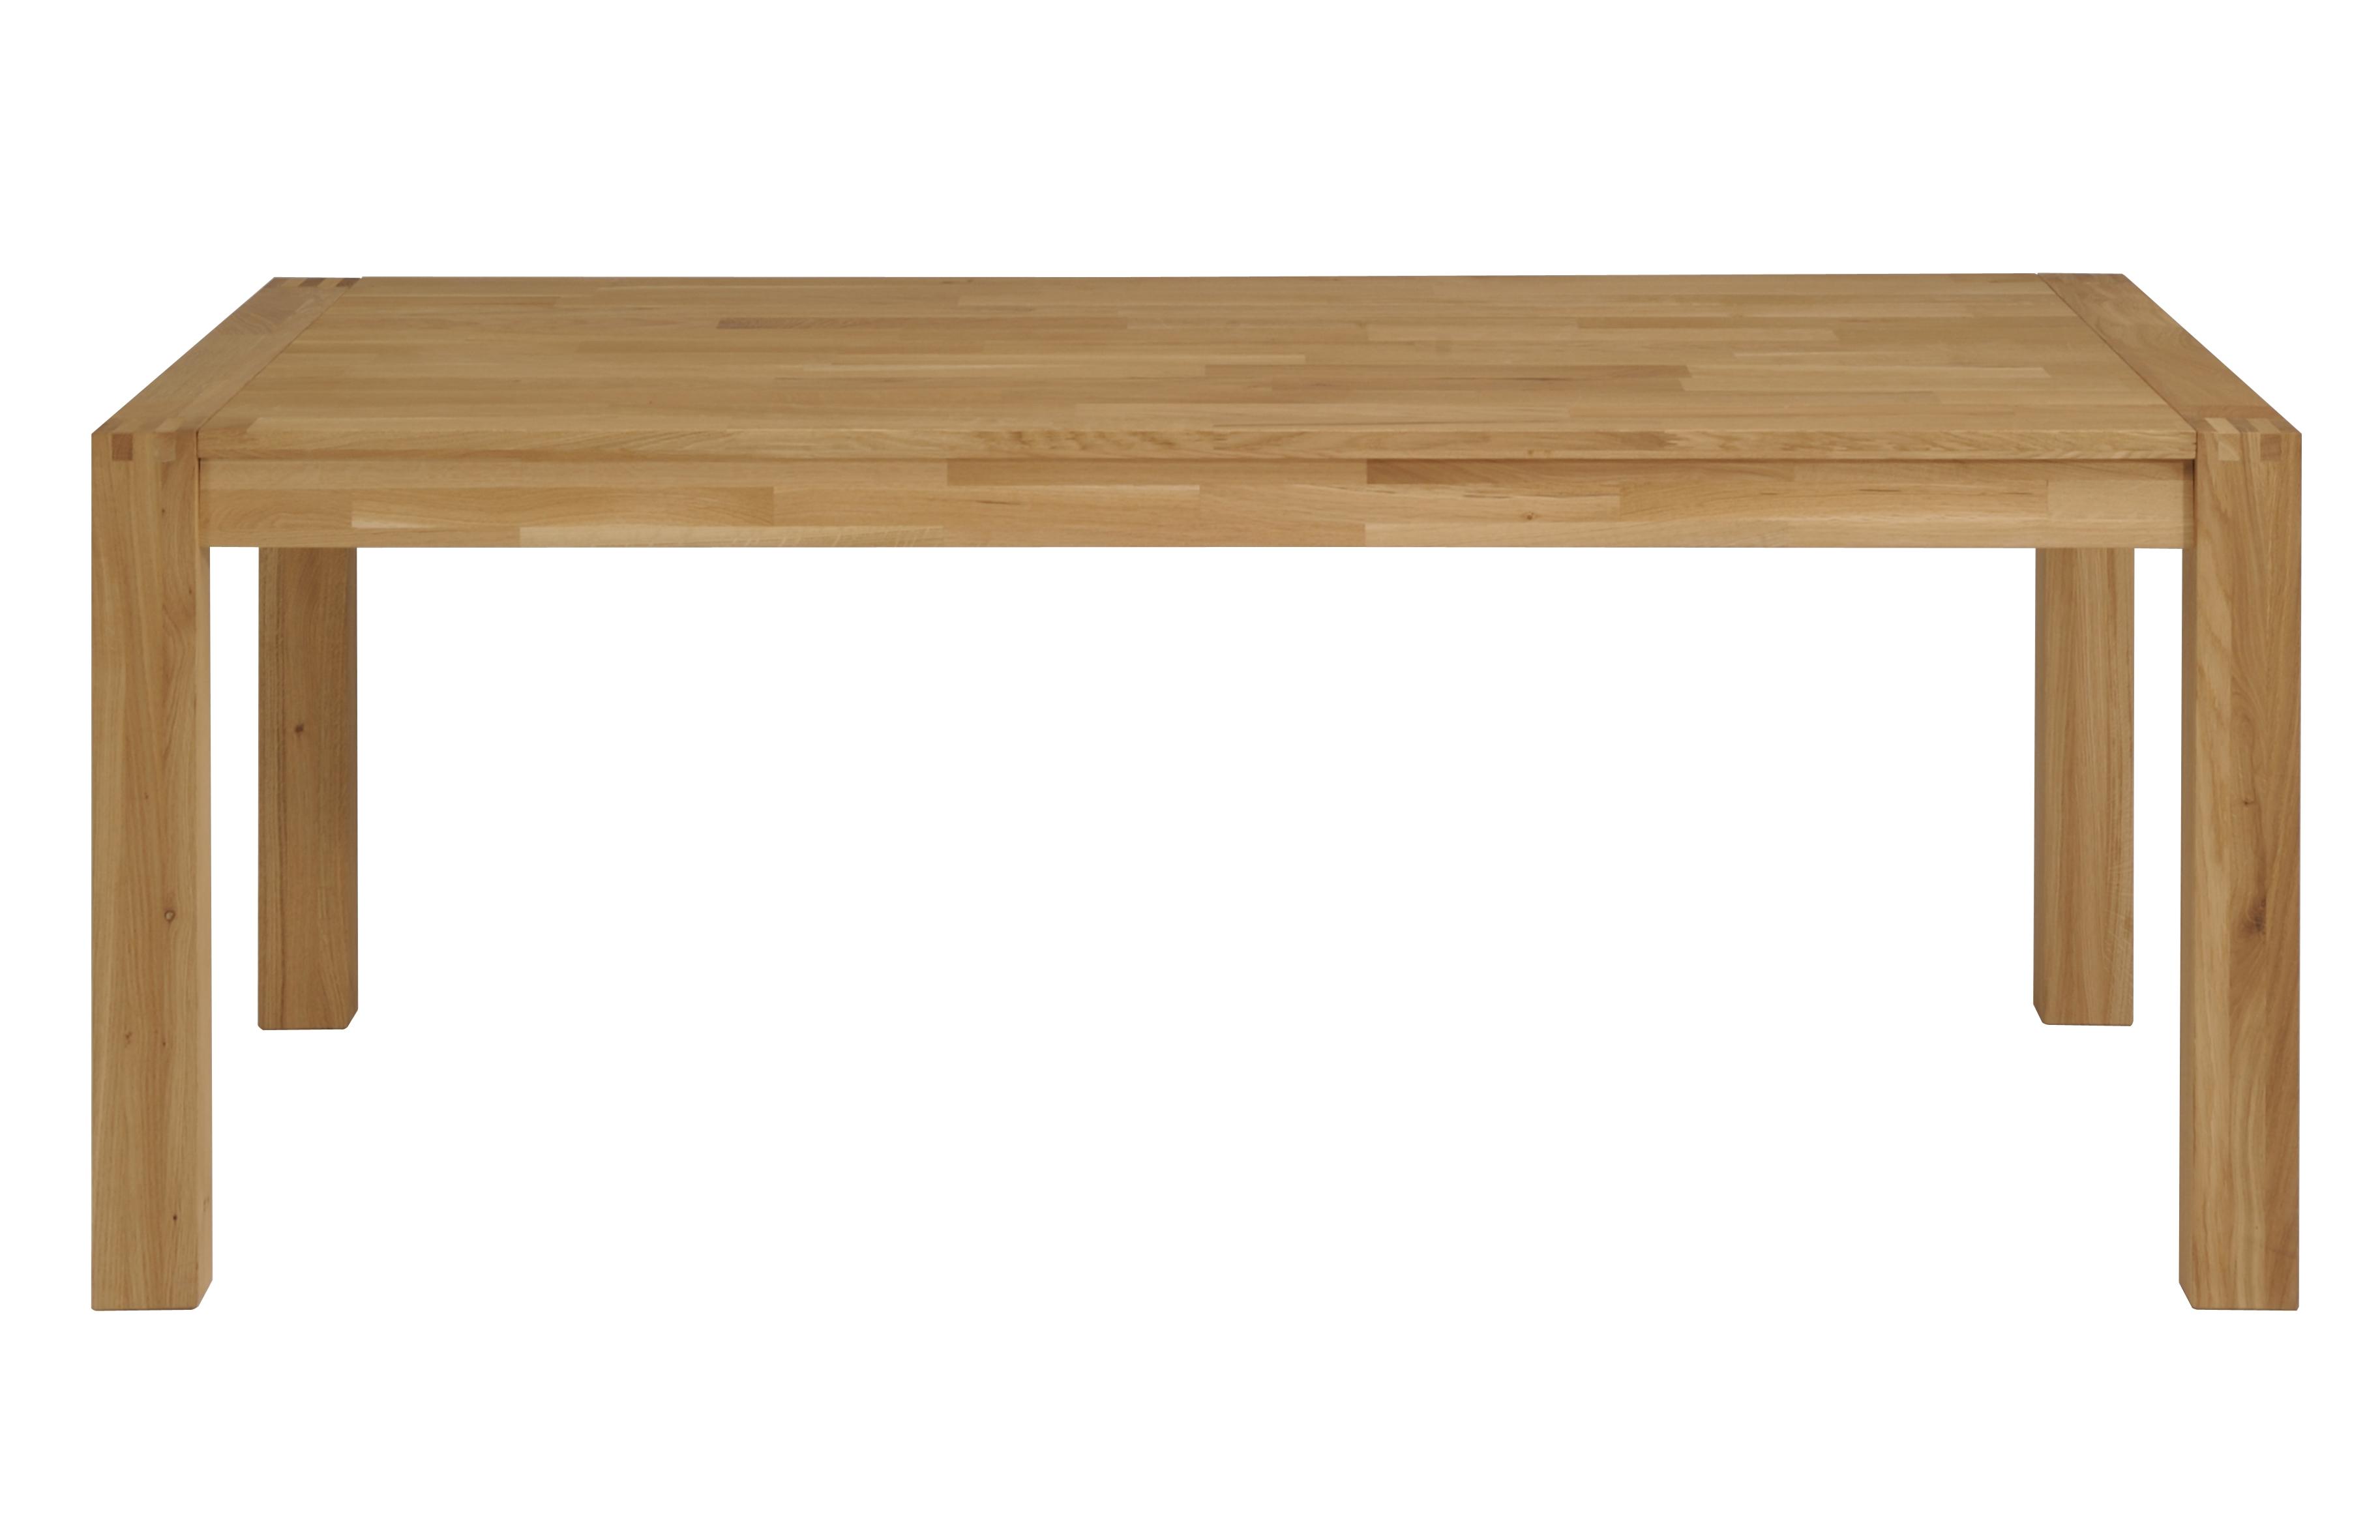 Table en ch ne massif huil avec allonge foreste for Table en chene massif avec rallonges